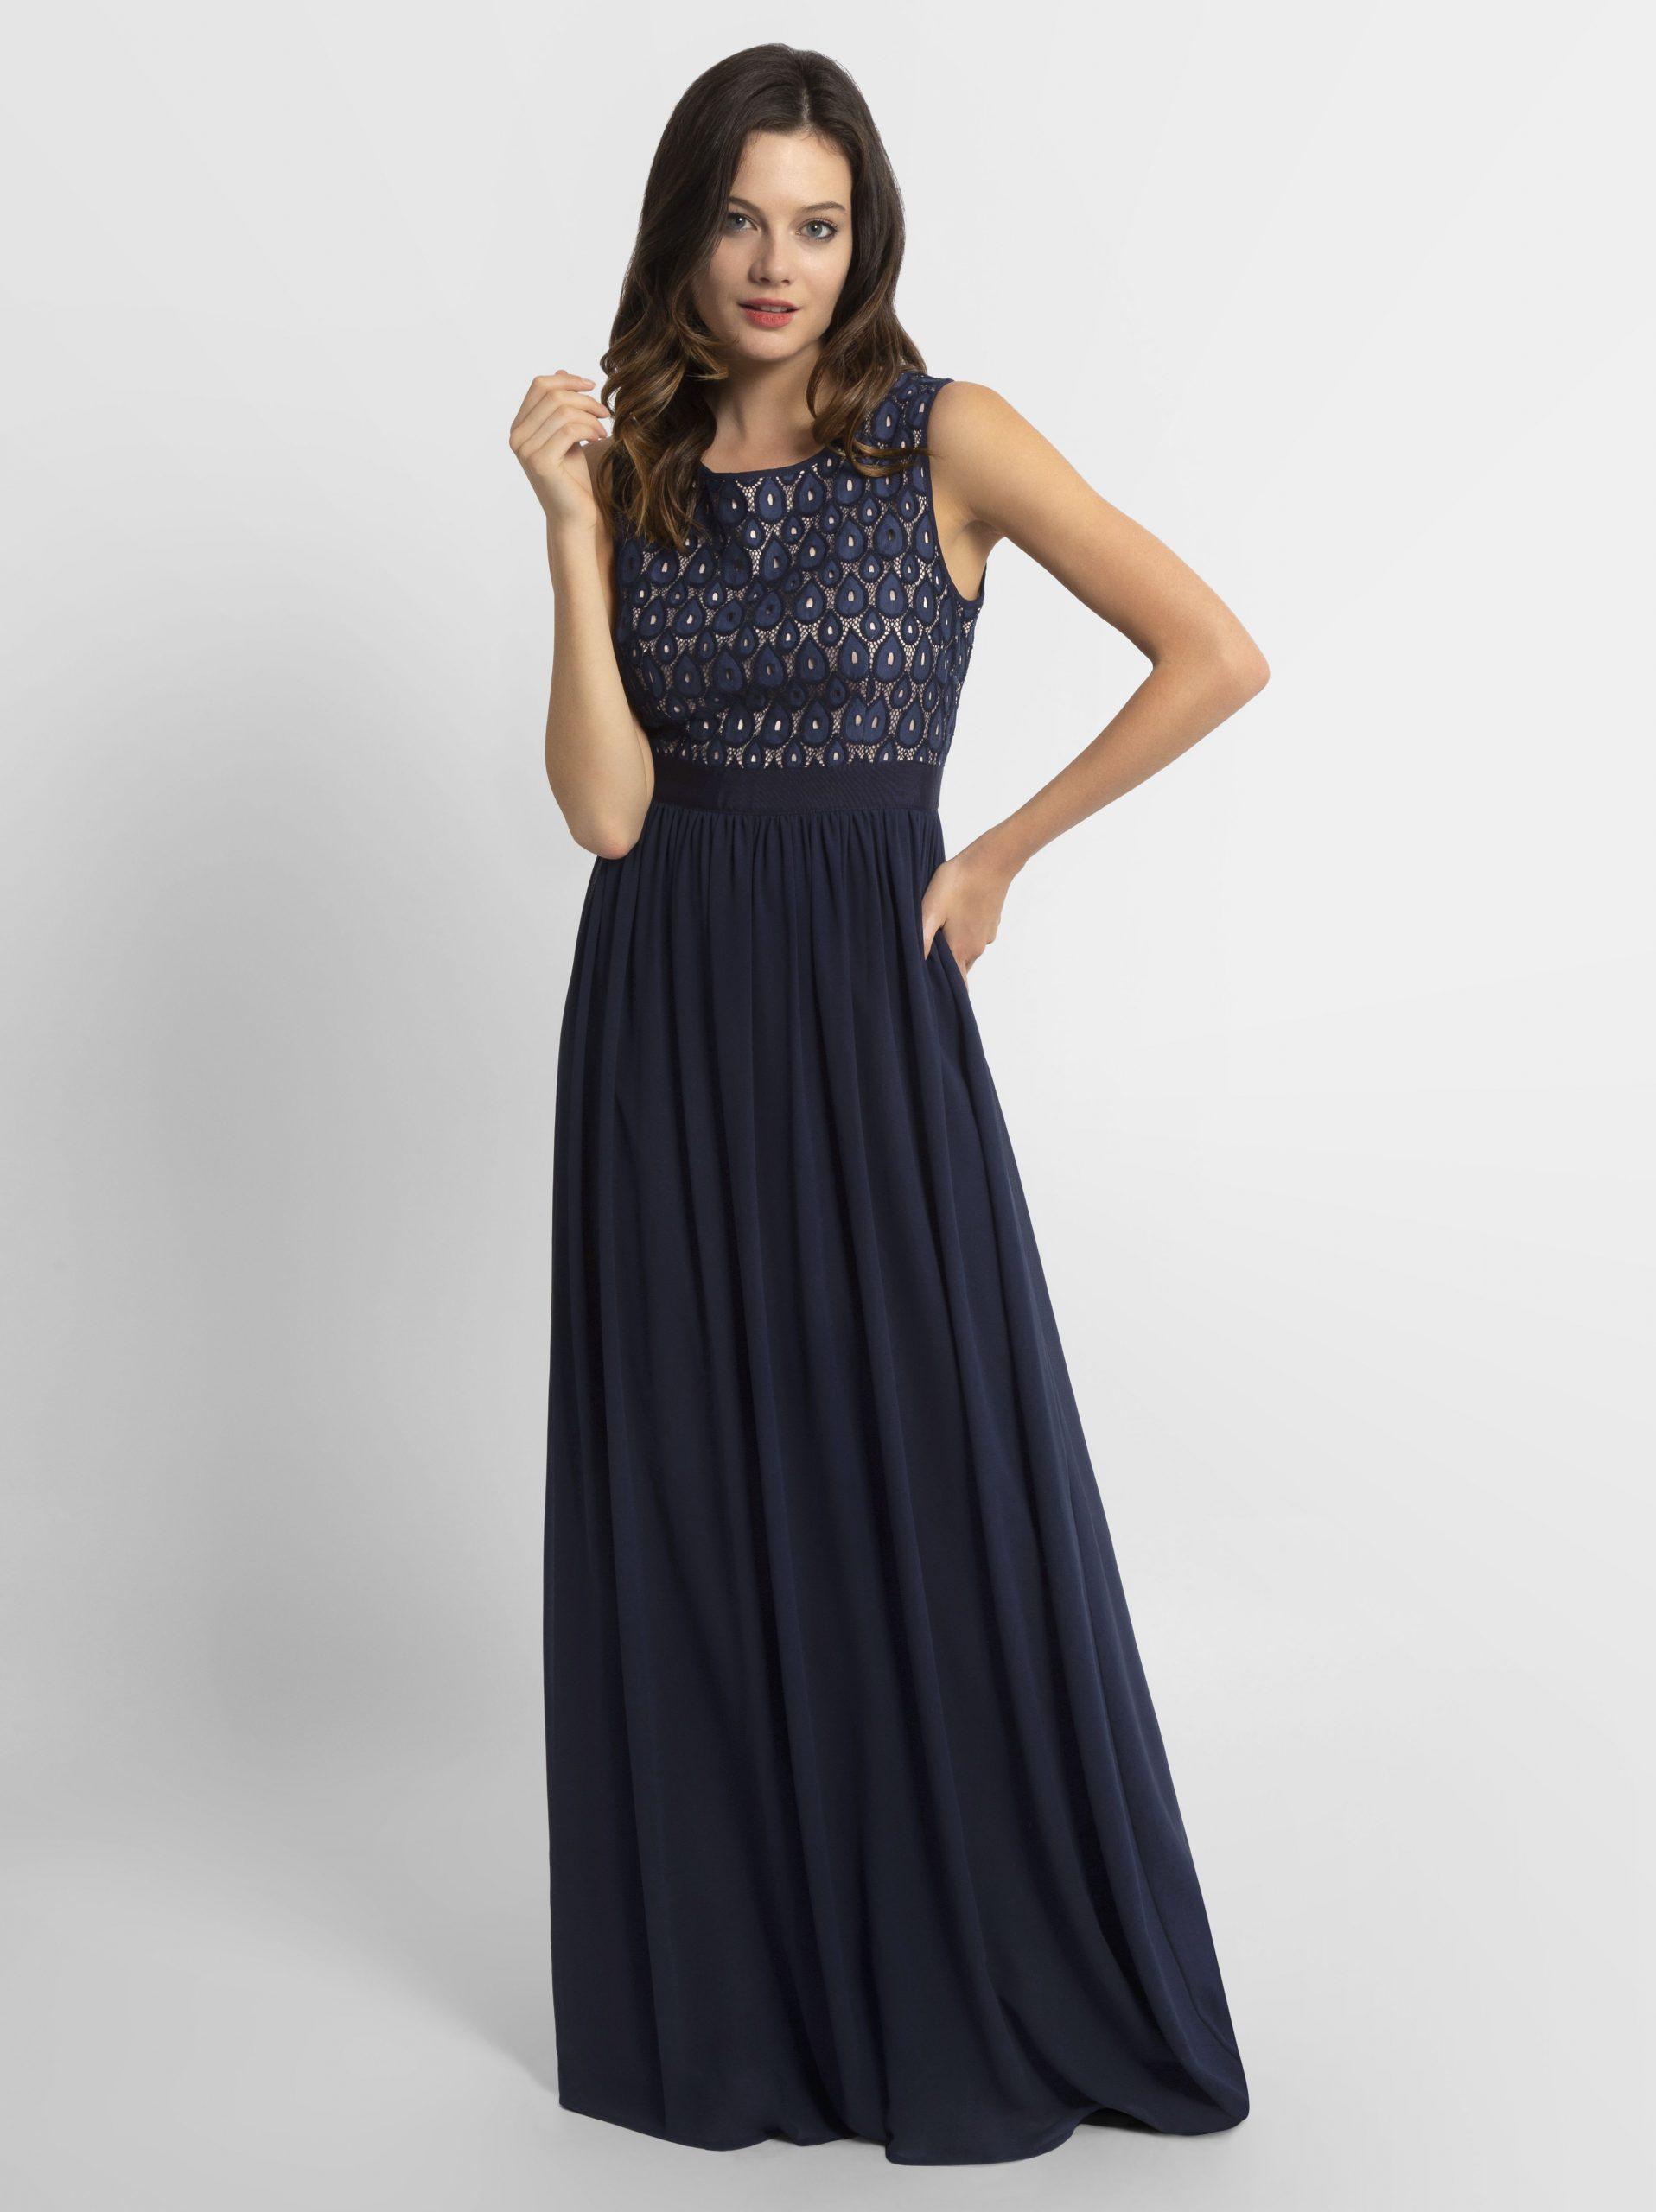 Ausgezeichnet Abendkleid Besonders SpezialgebietFormal Genial Abendkleid Besonders Design